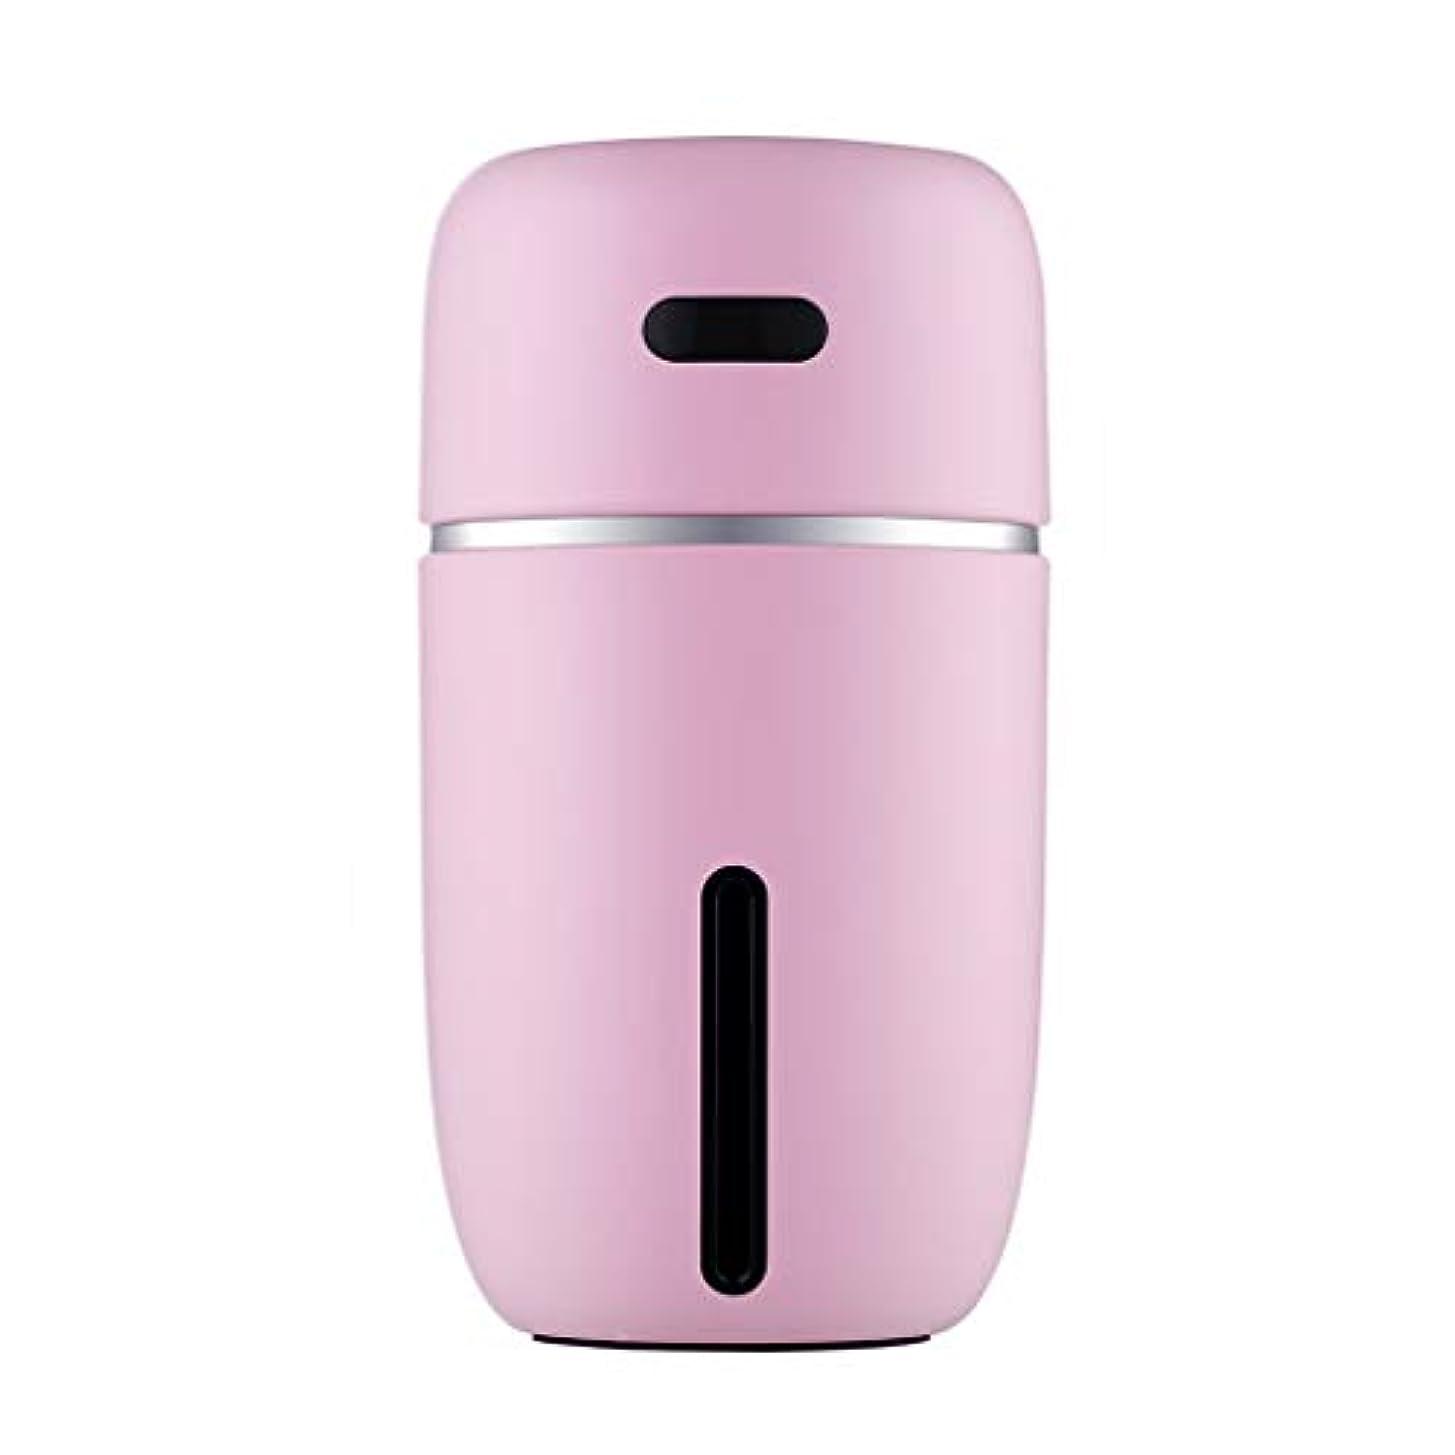 騒請う実際ミニ車ホーム加湿器3で 1 USB 水メーターオフィス空気清浄器ディフューザーオフィスホーム研究ヨガスパ (ブラック/ブルー/ホワイト/ピンク),A